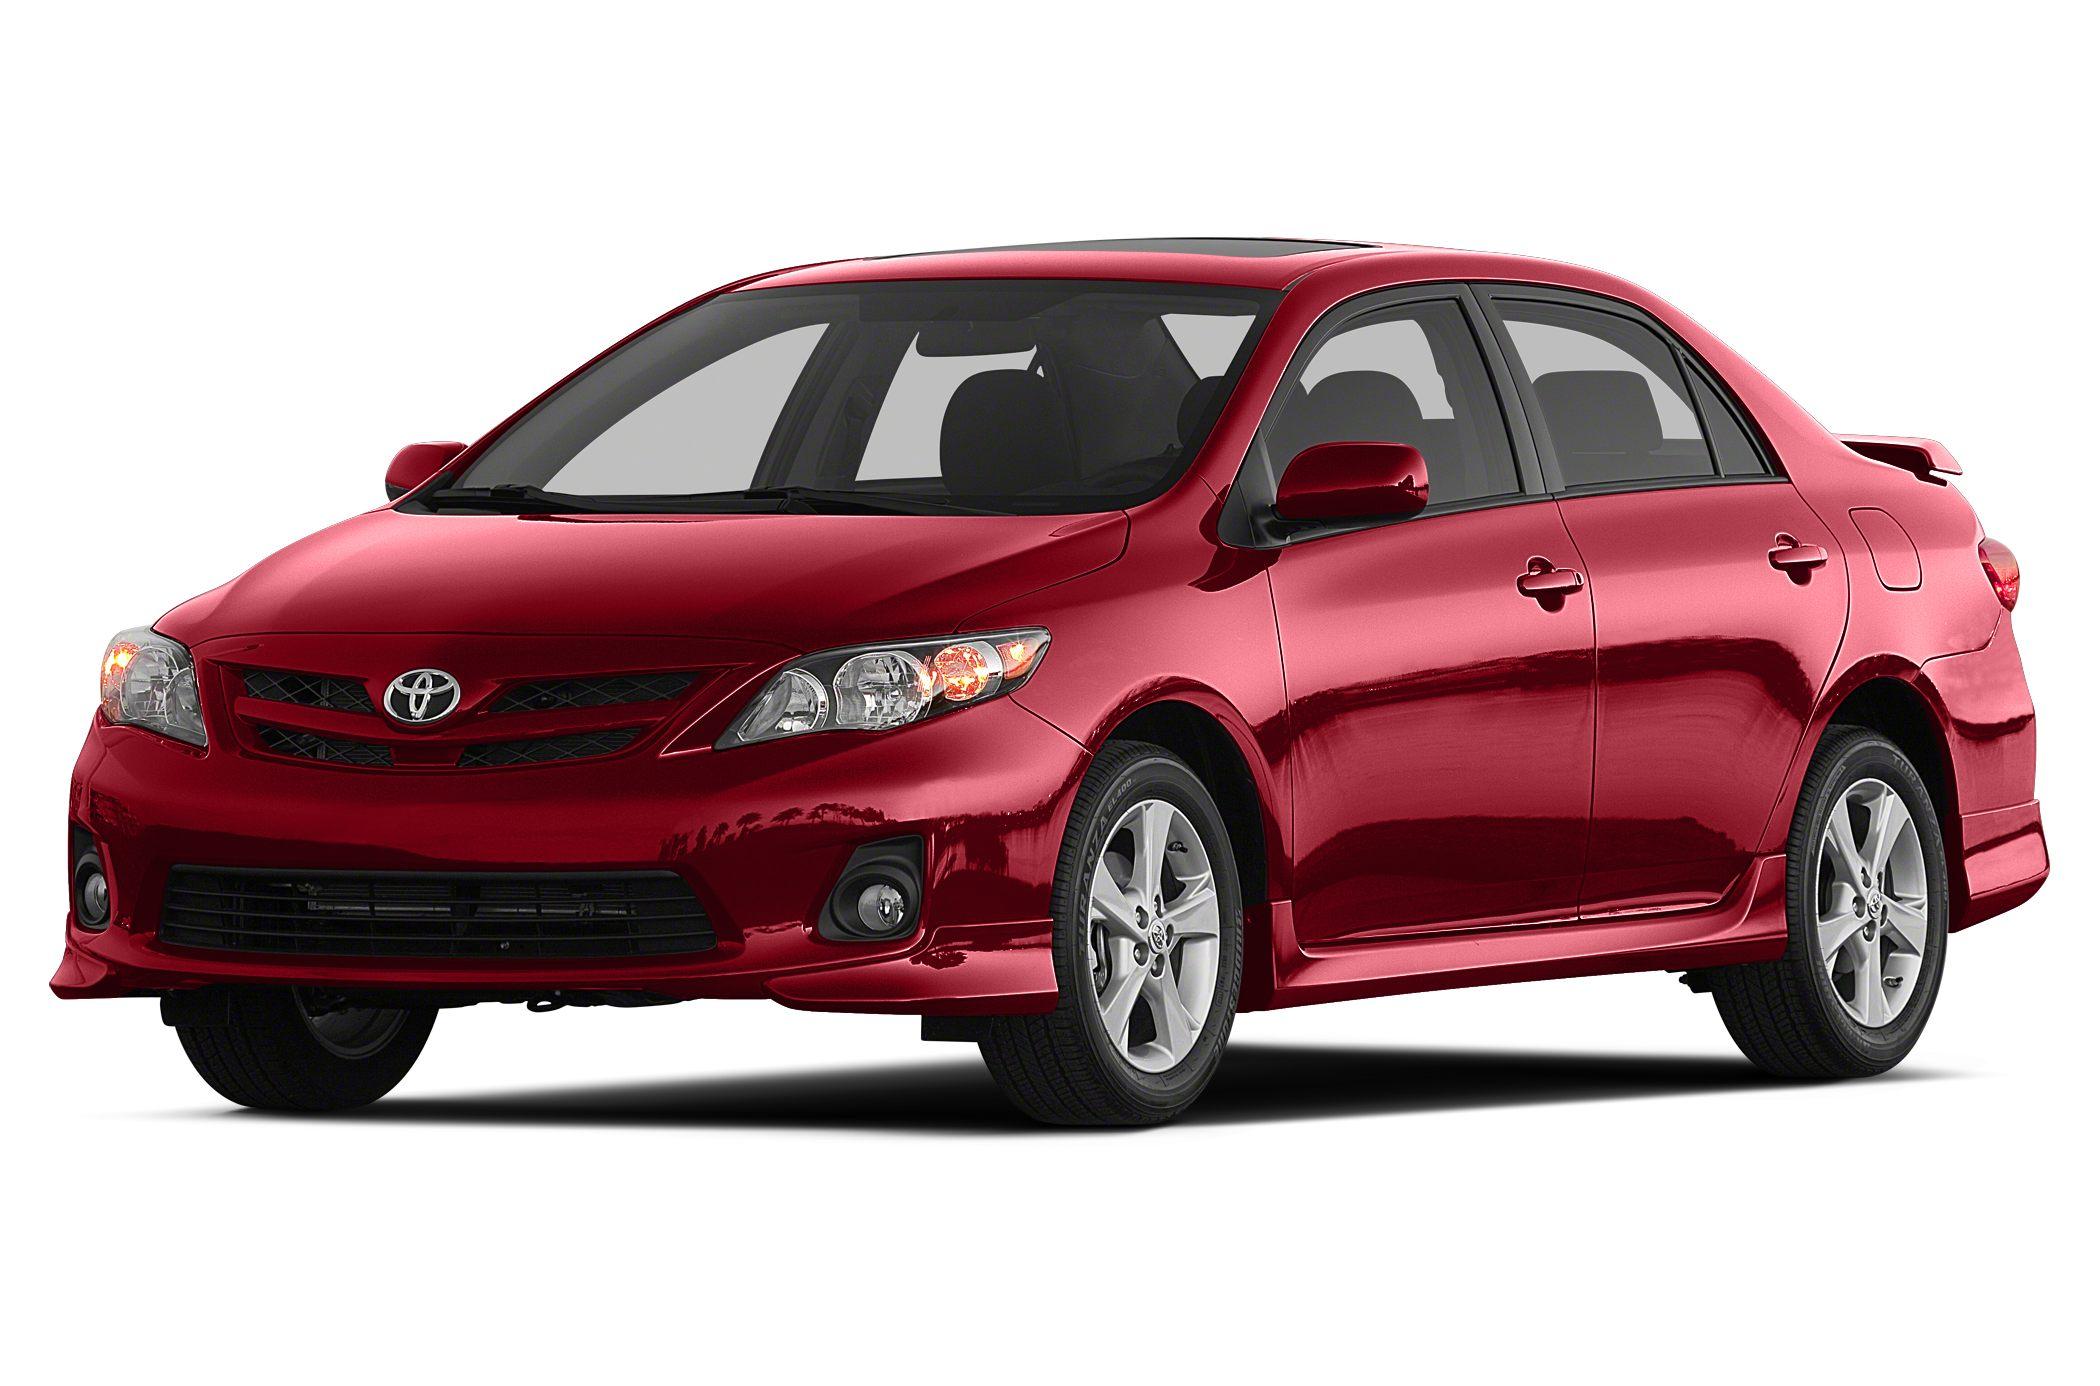 Kekurangan Toyota 2013 Spesifikasi